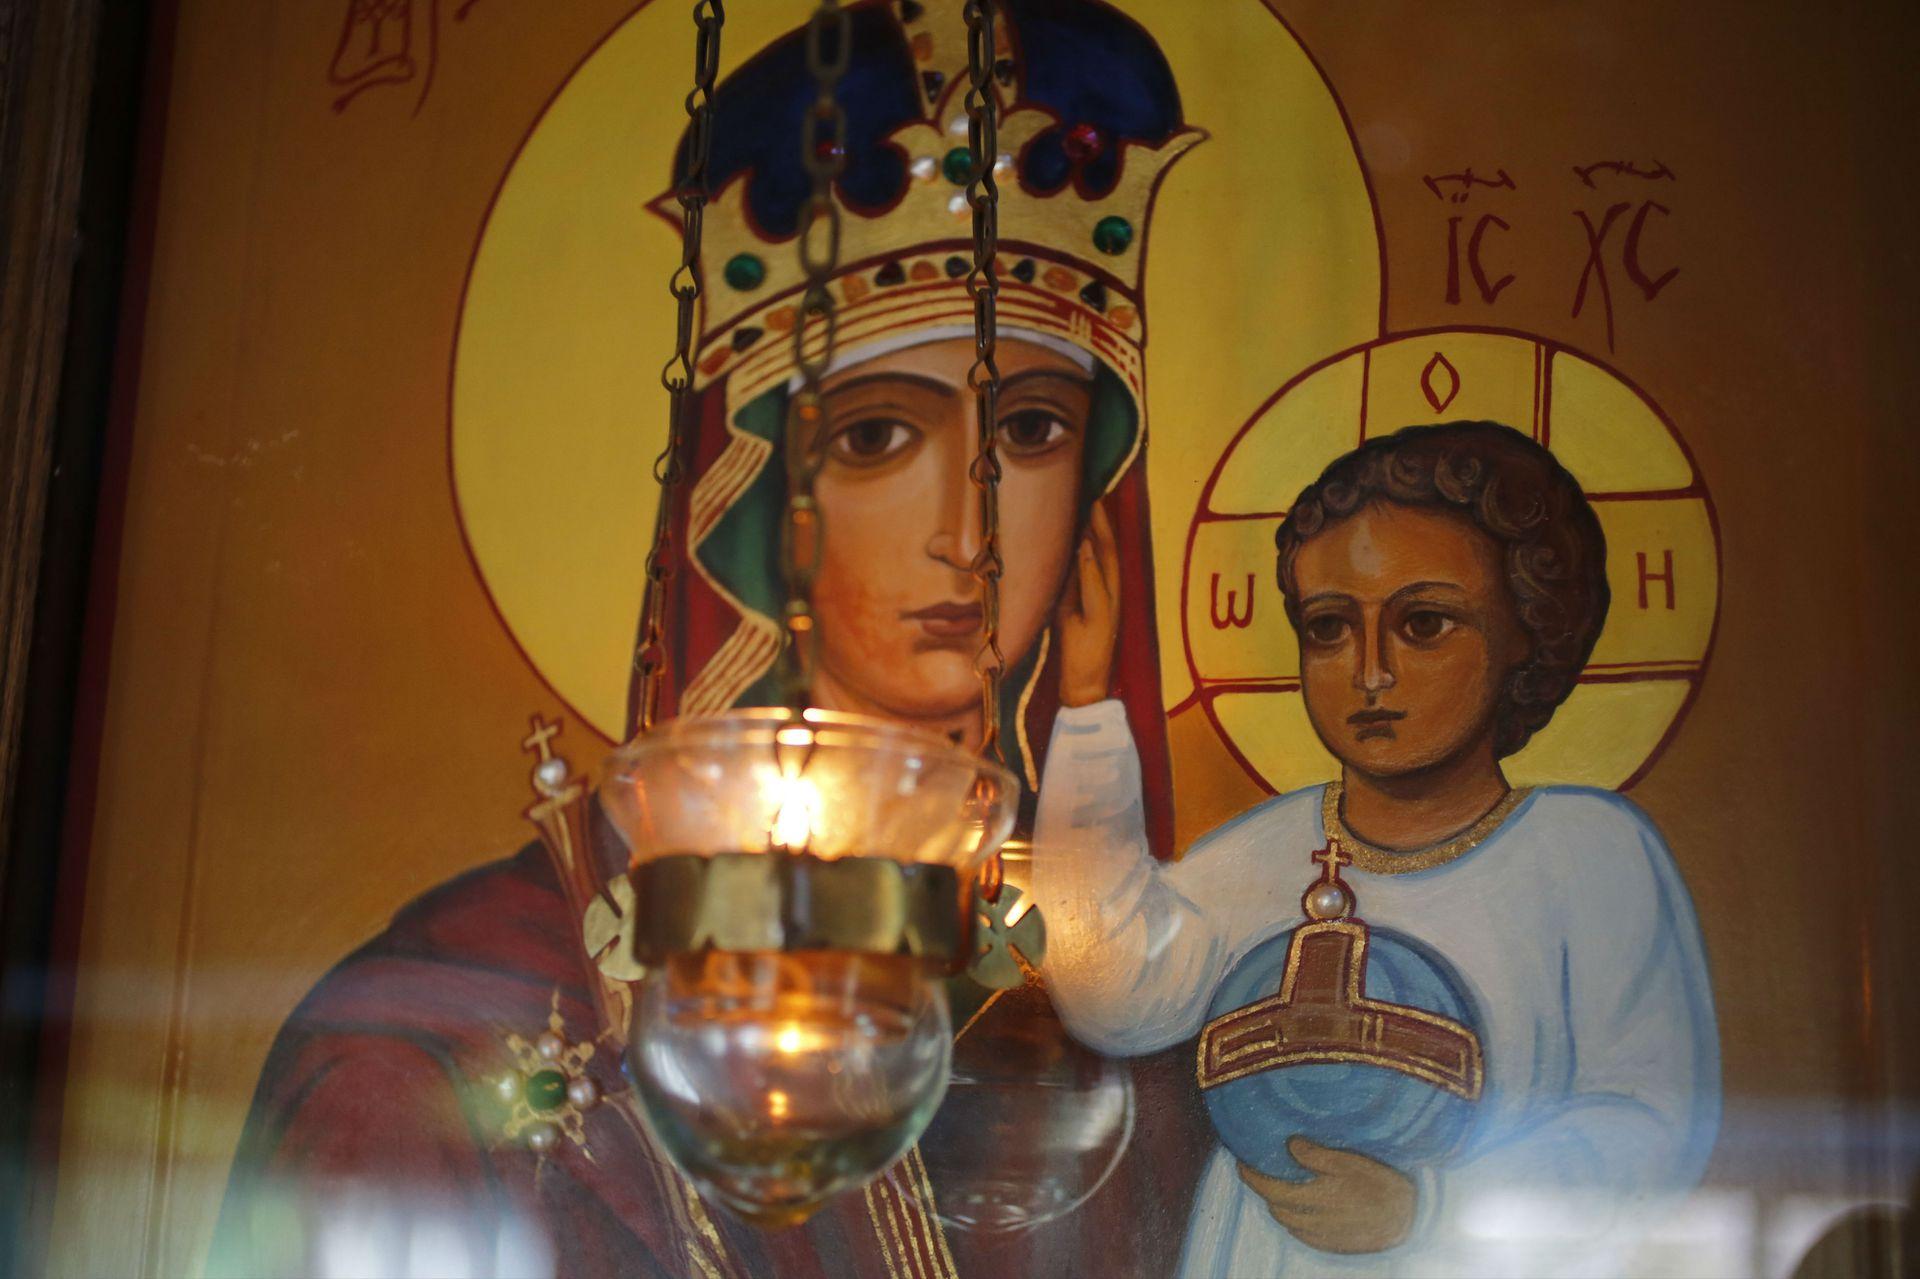 Una imagen de la Virgen y Jesús